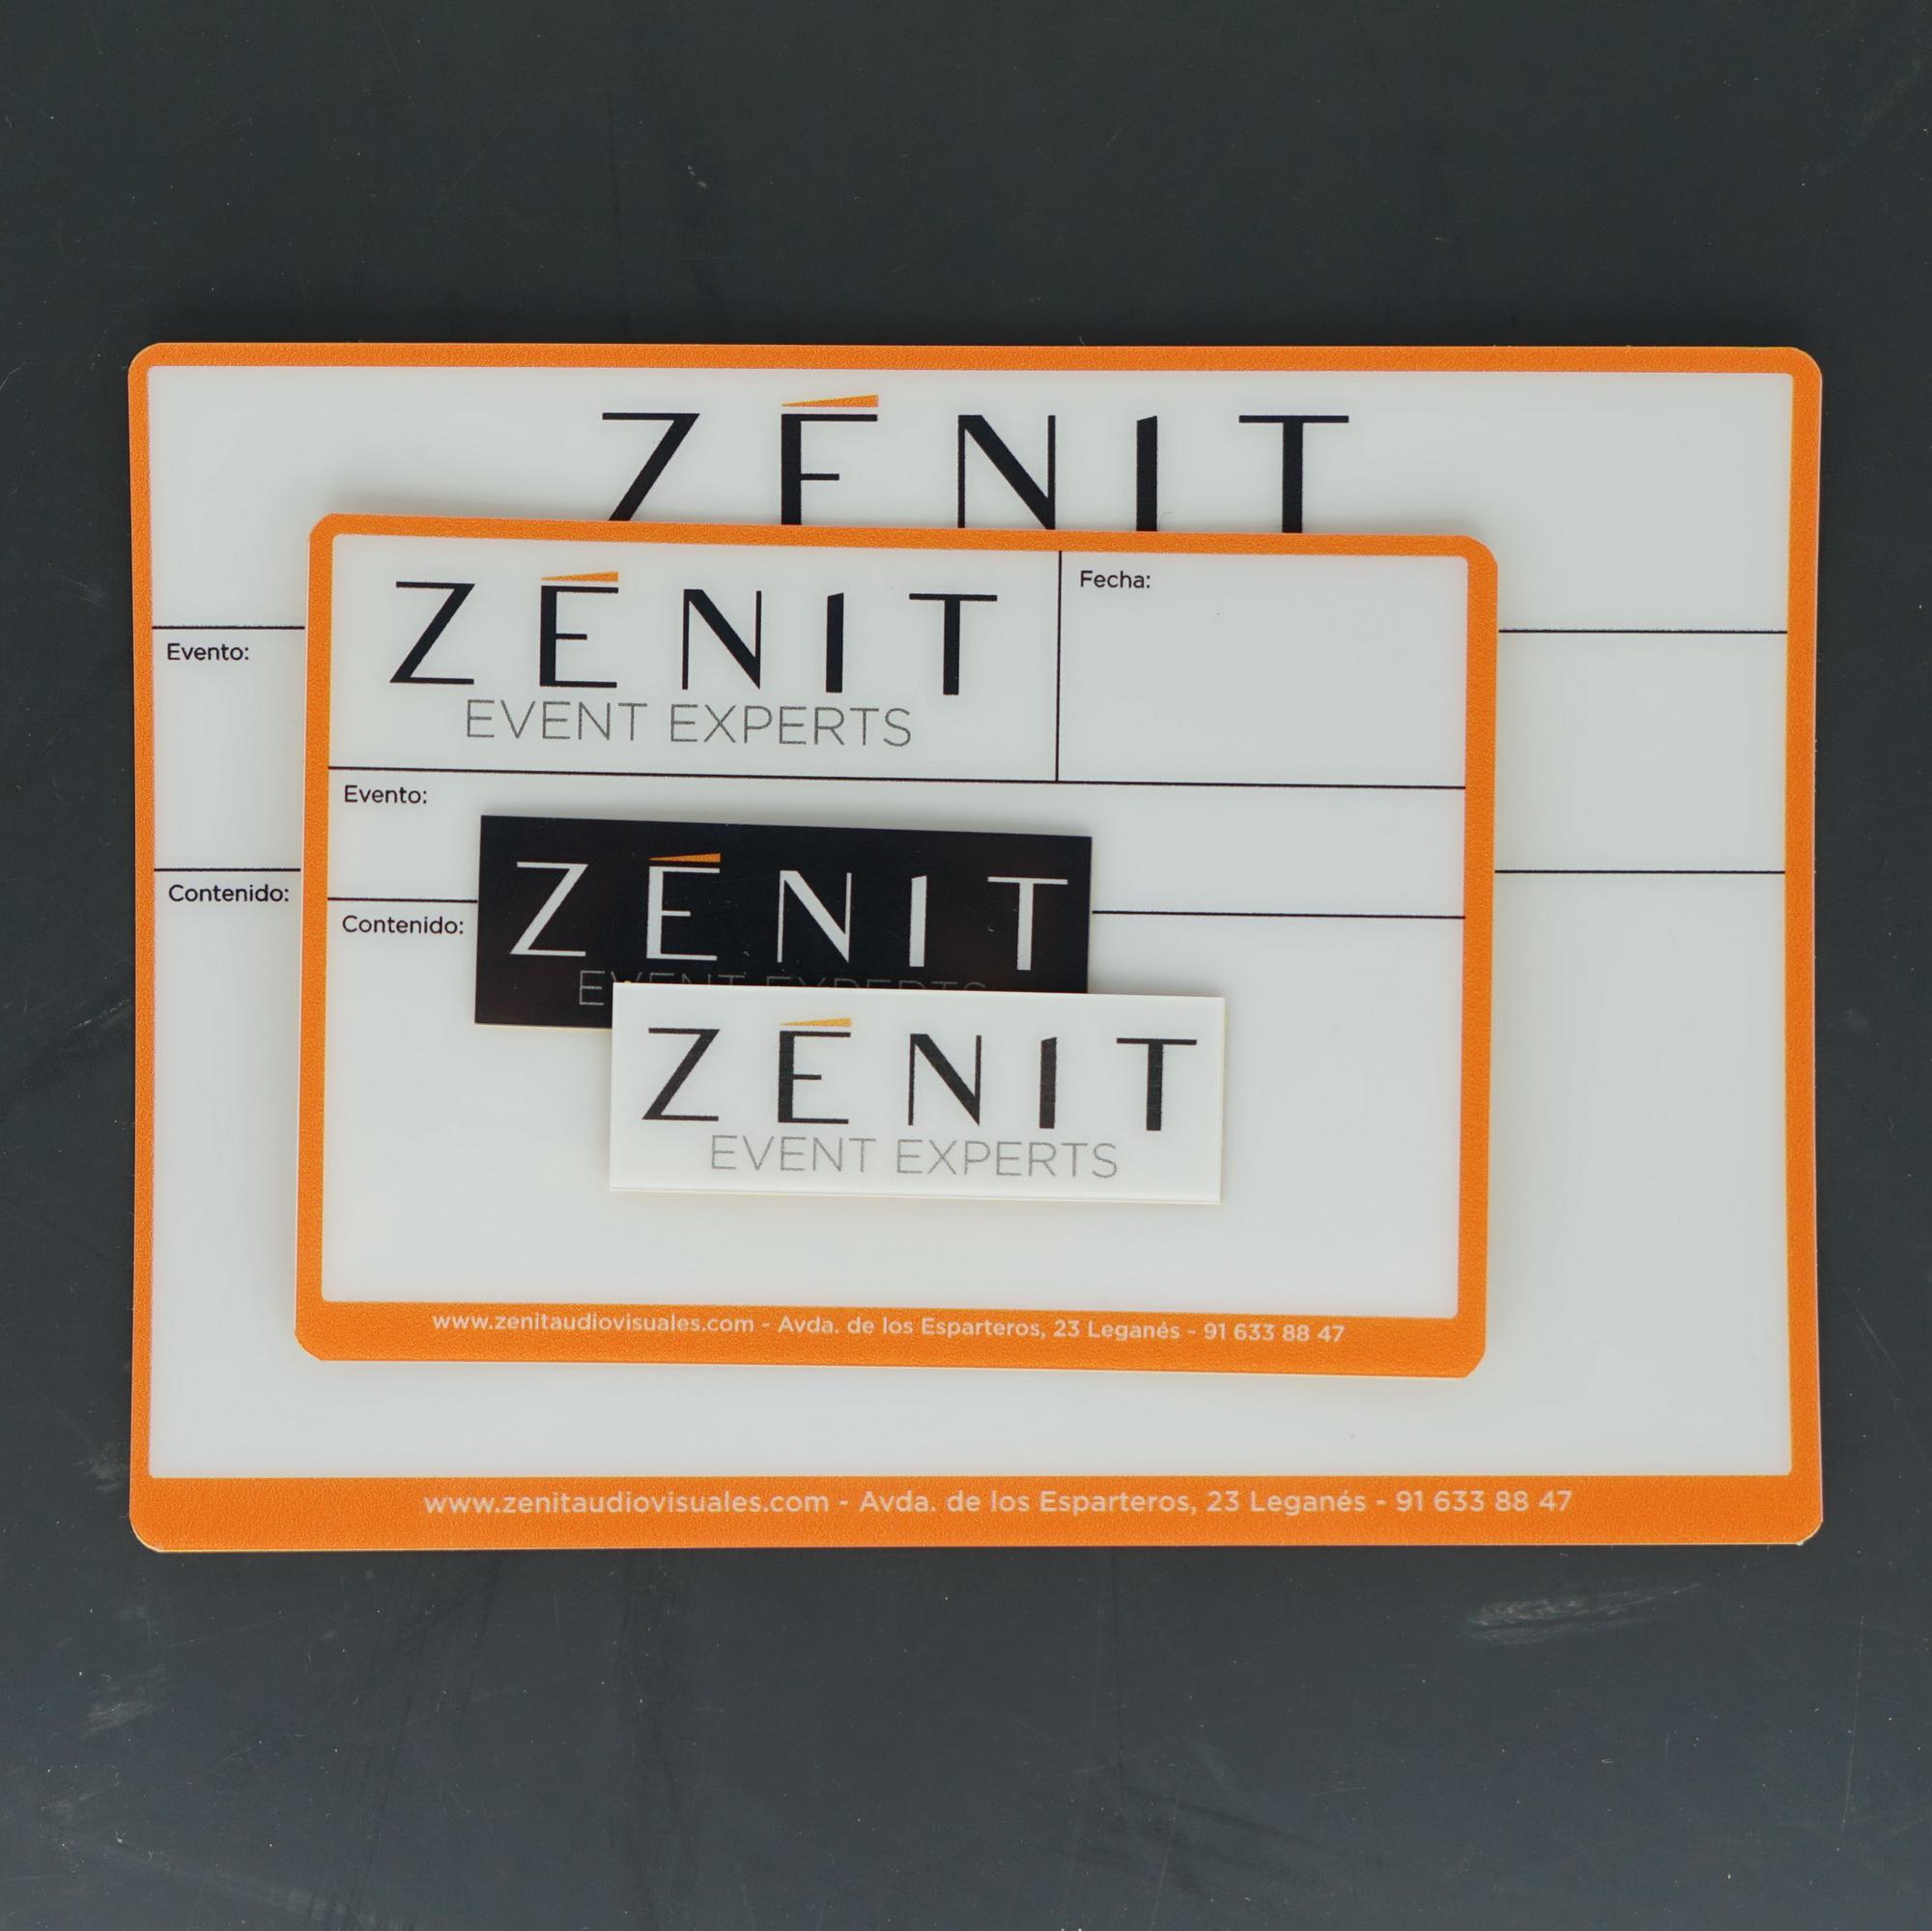 Flightcaselabels Caselabels Zenit